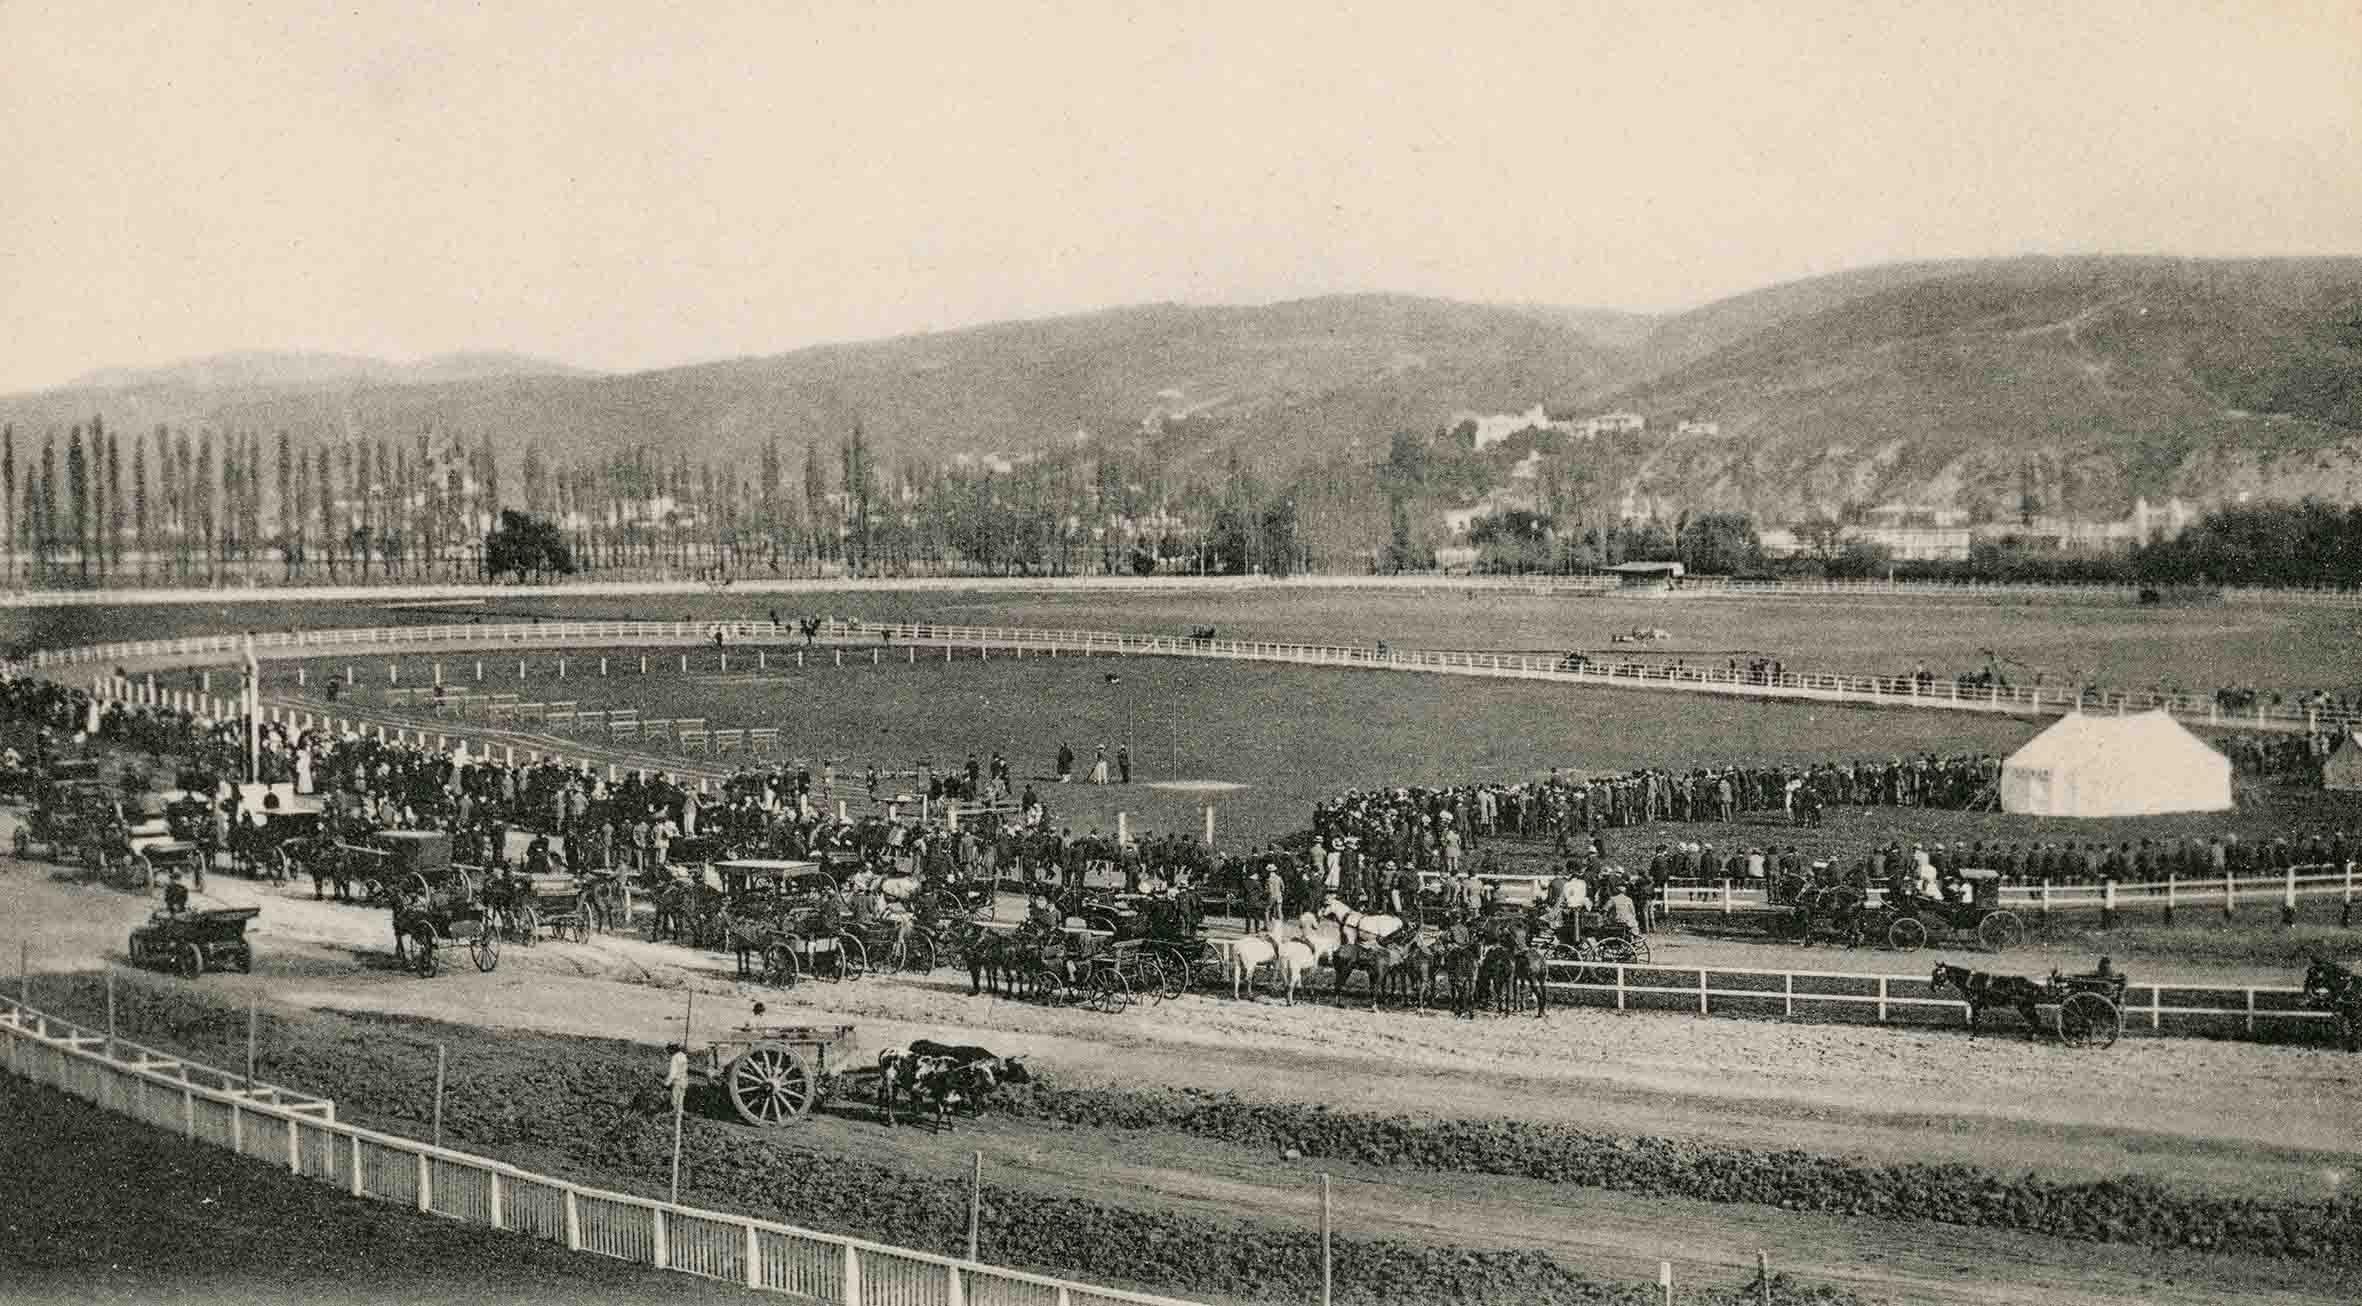 Enterreno - Fotos históricas de chile - fotos antiguas de Chile - Sportin Club de Viña del MAr en 1913